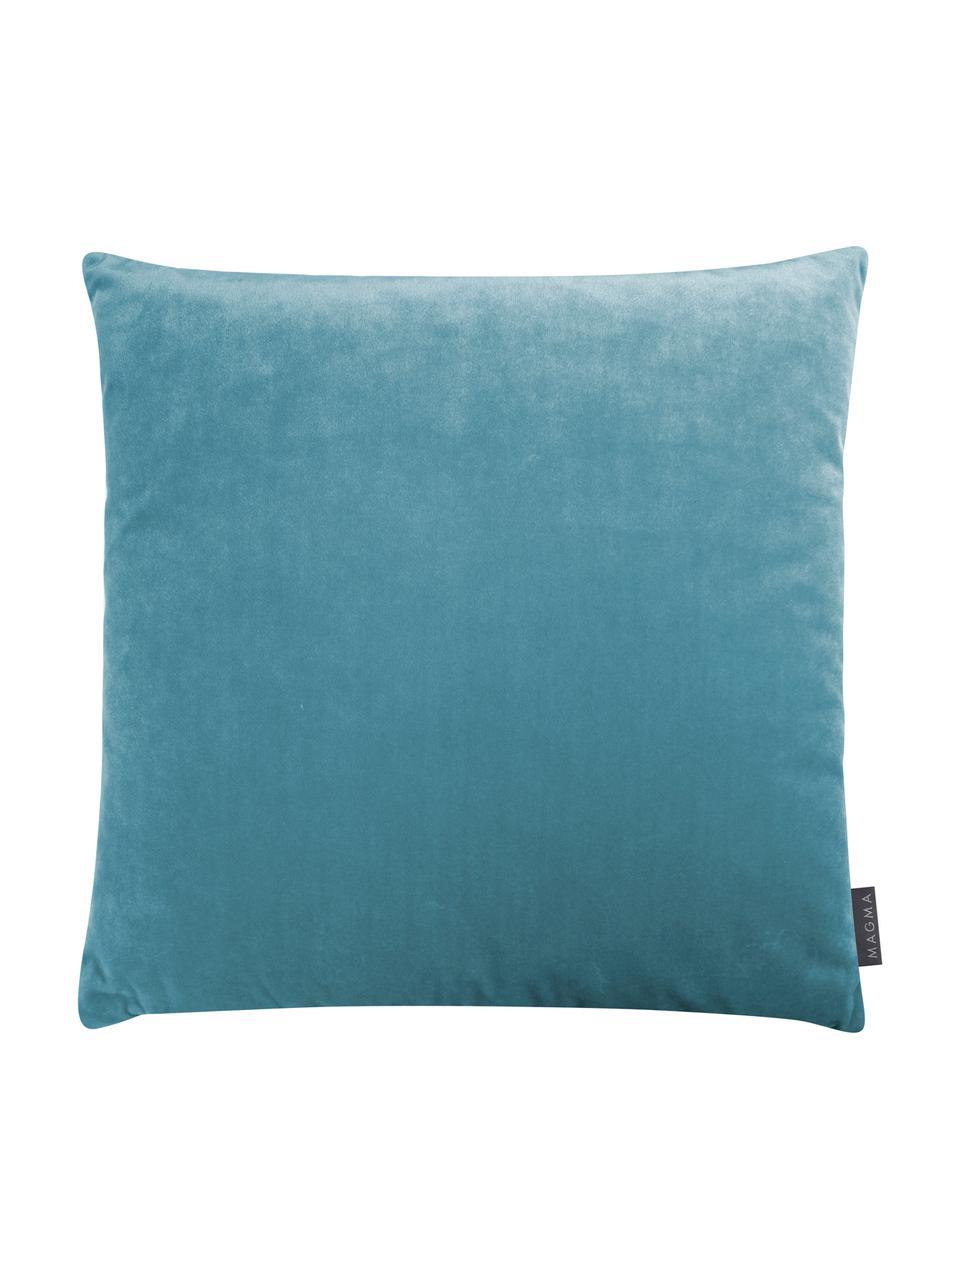 Kissenhülle Tilas mit Hoch-Tief-Muster & Samt-Rückseite, Vorderseite: 87%Polyester, 13%Baumwo, Rückseite: Polyestersamt, Mintblau, Creme, 40 x 40 cm